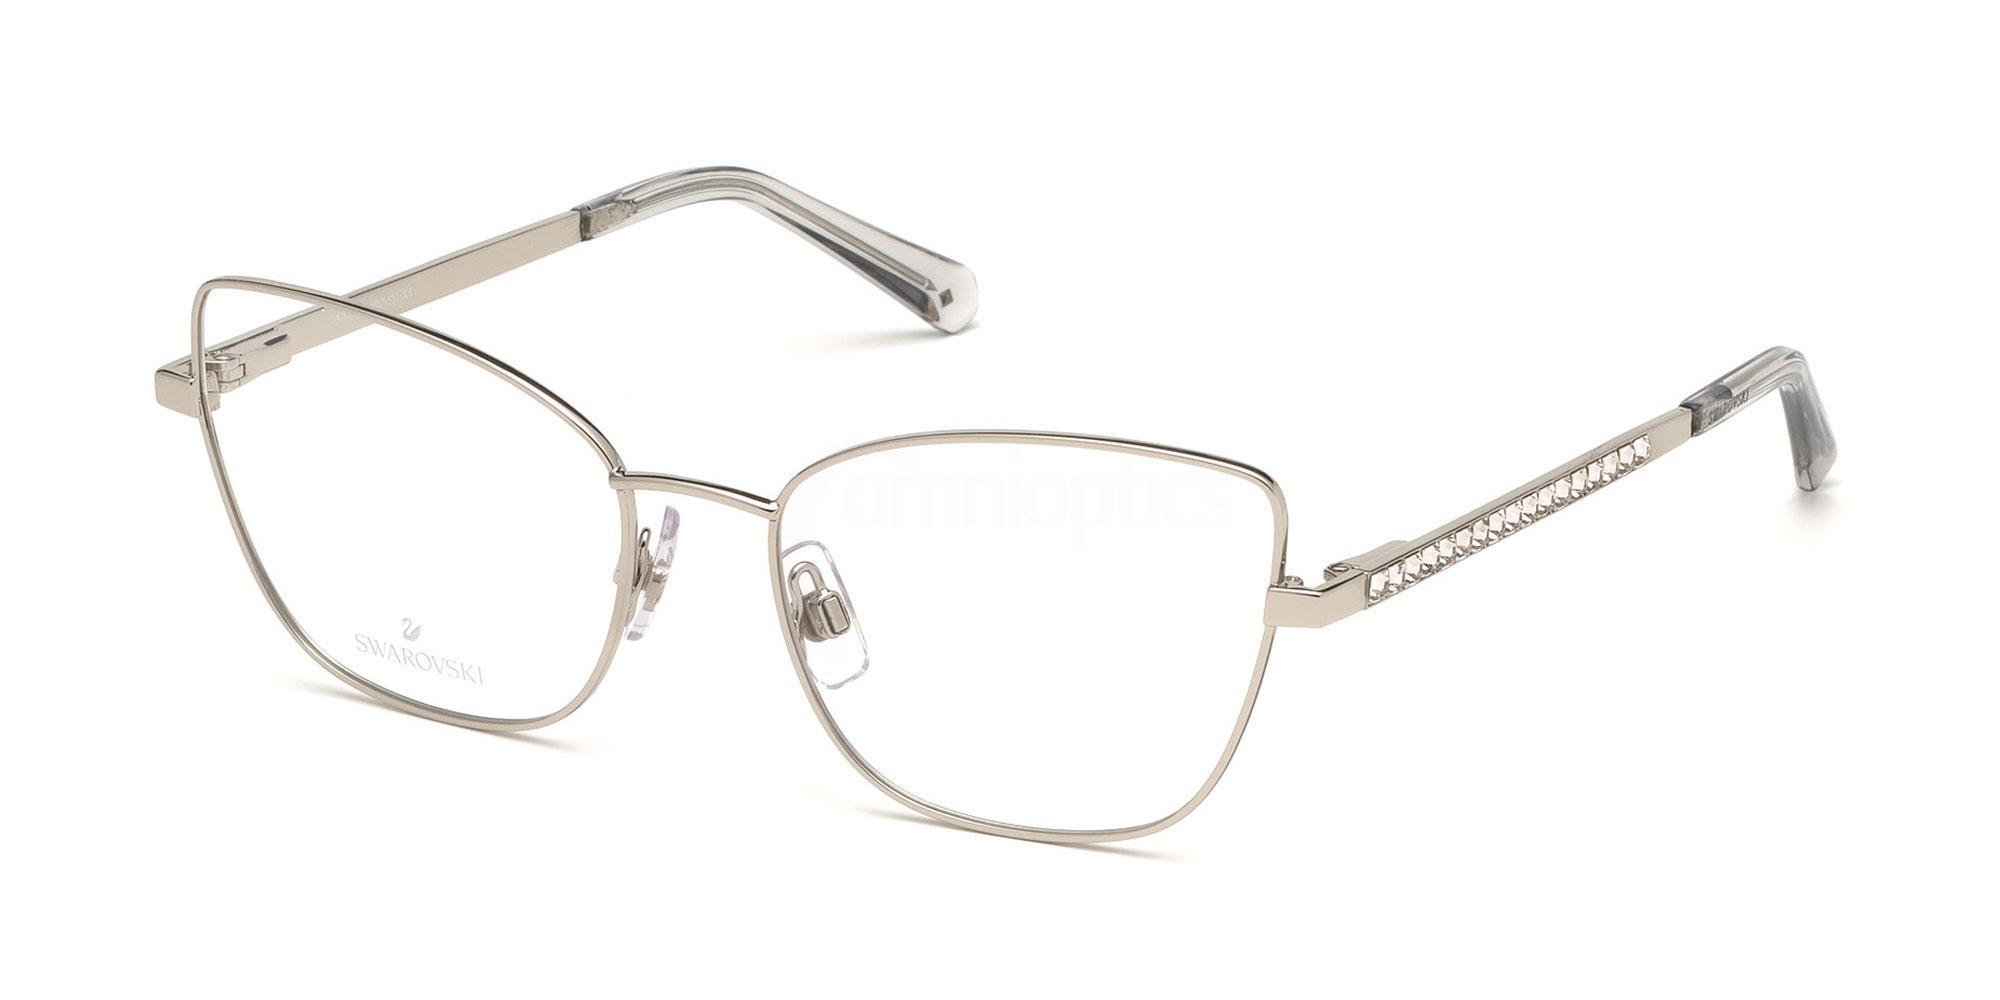 016 SK5287 Glasses, Swarovski